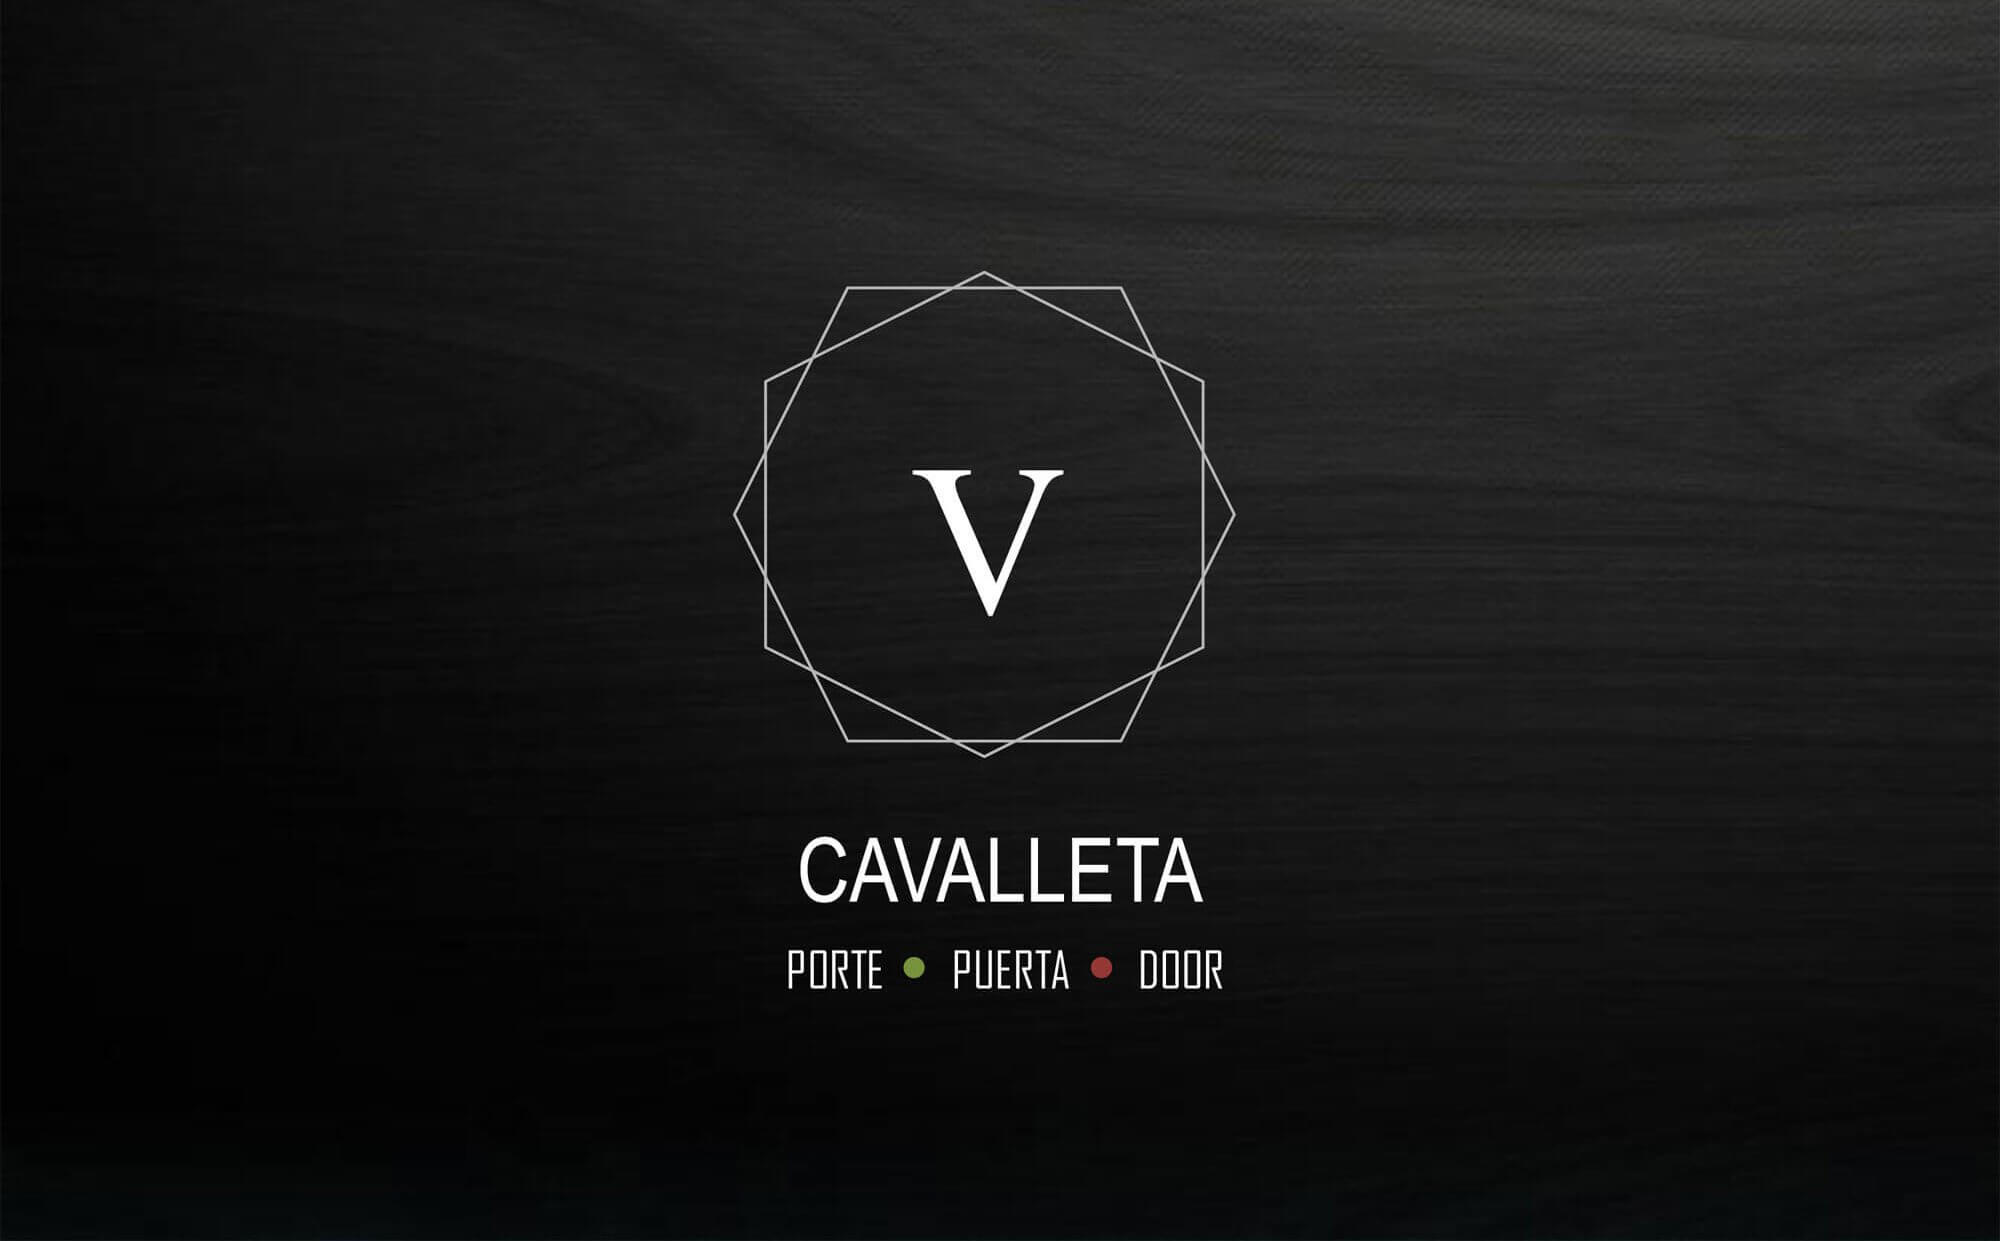 Cavalleta